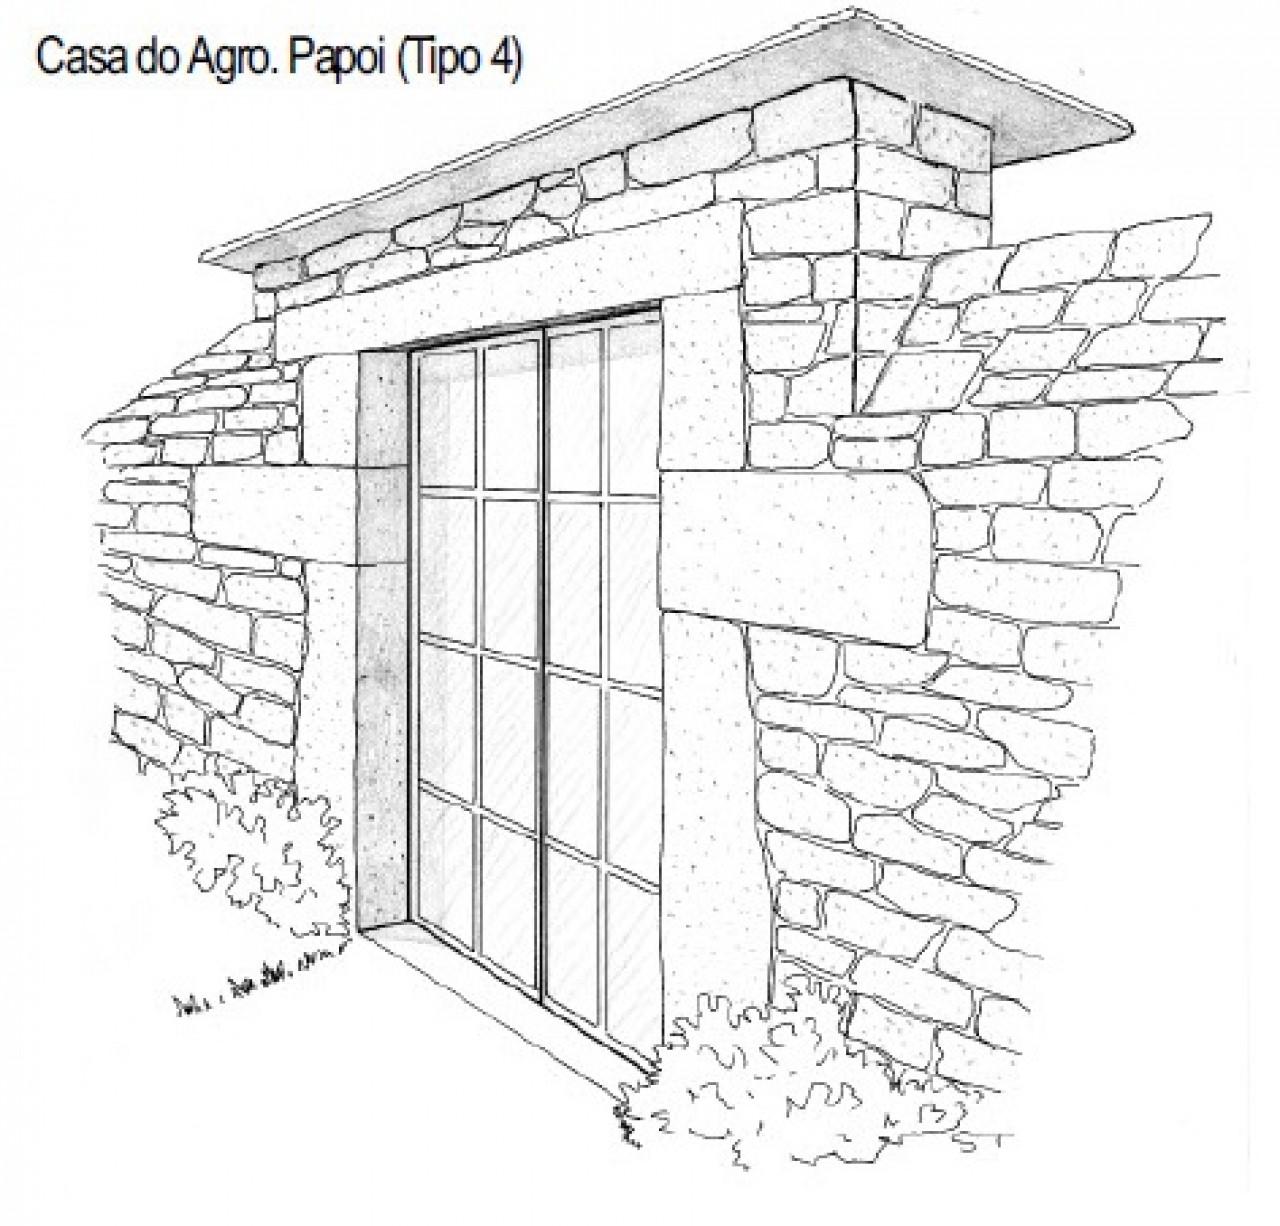 portalon-tipo-4-casa-do-agro-papoi-b